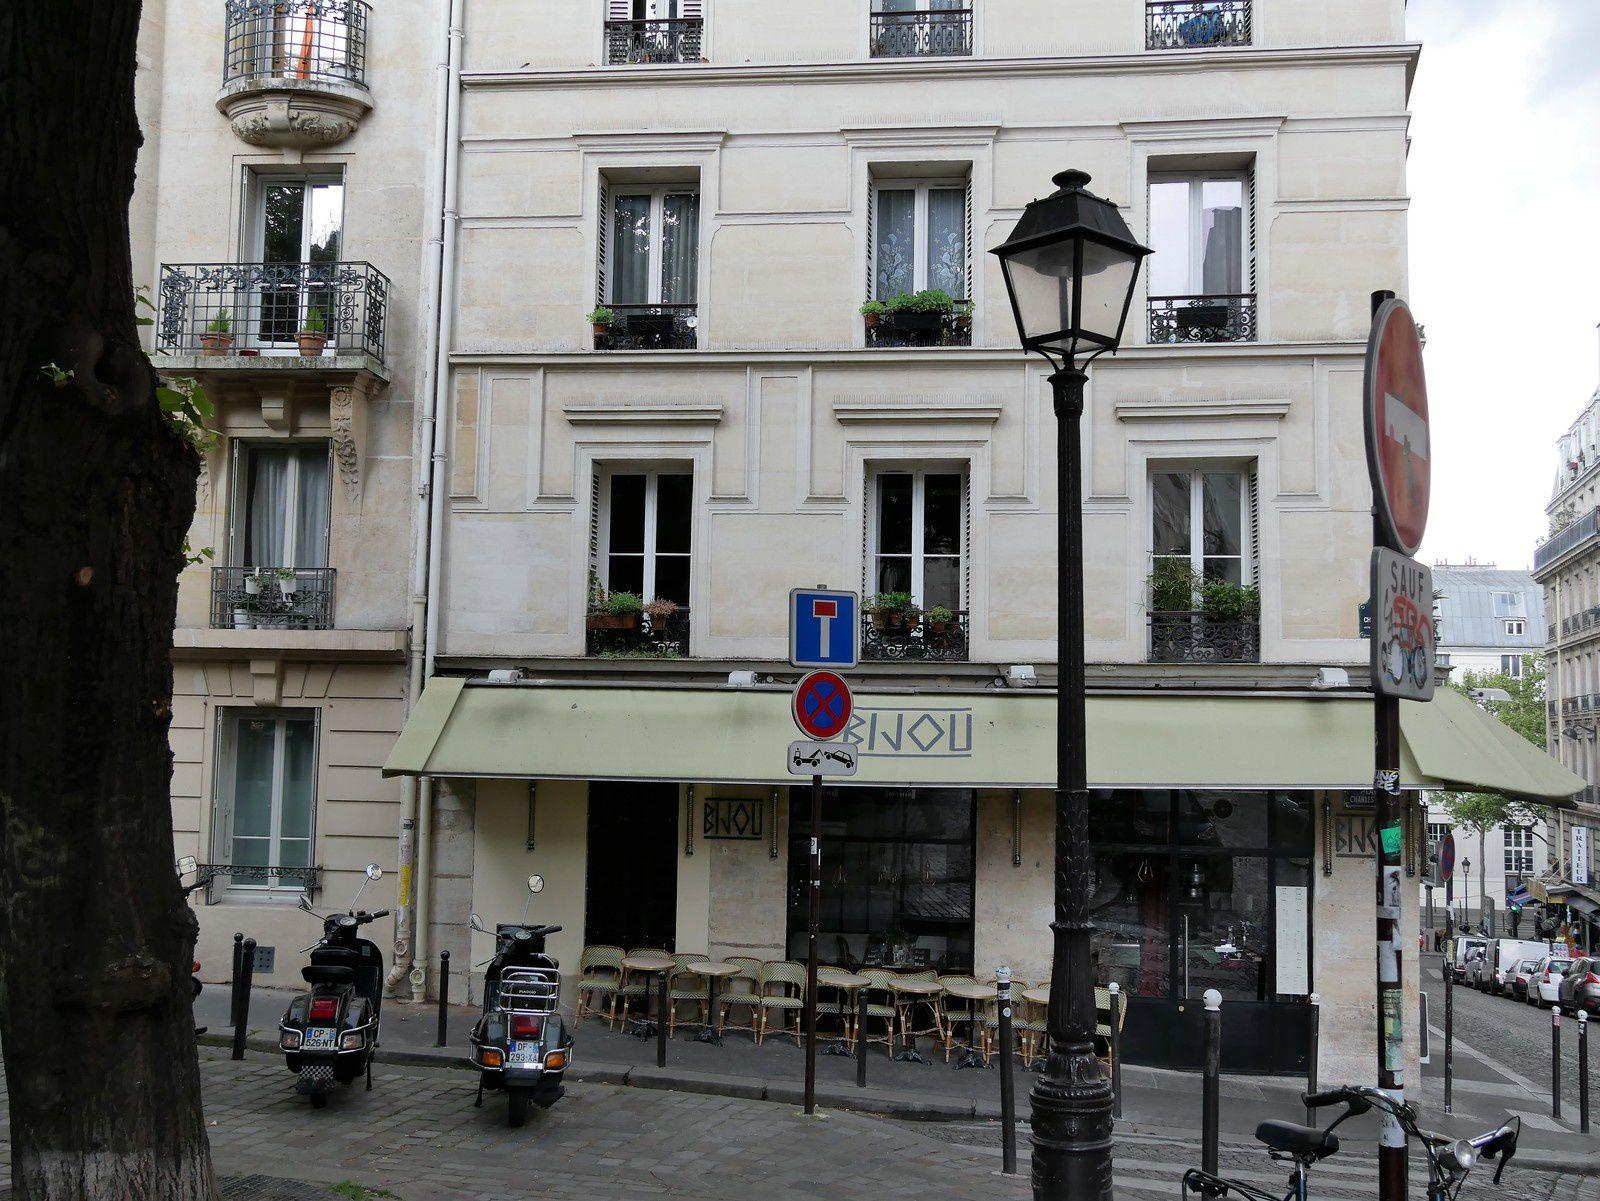 Immeuble à l'angle de la rue Dancourt et de la place Dullin&#x3B;